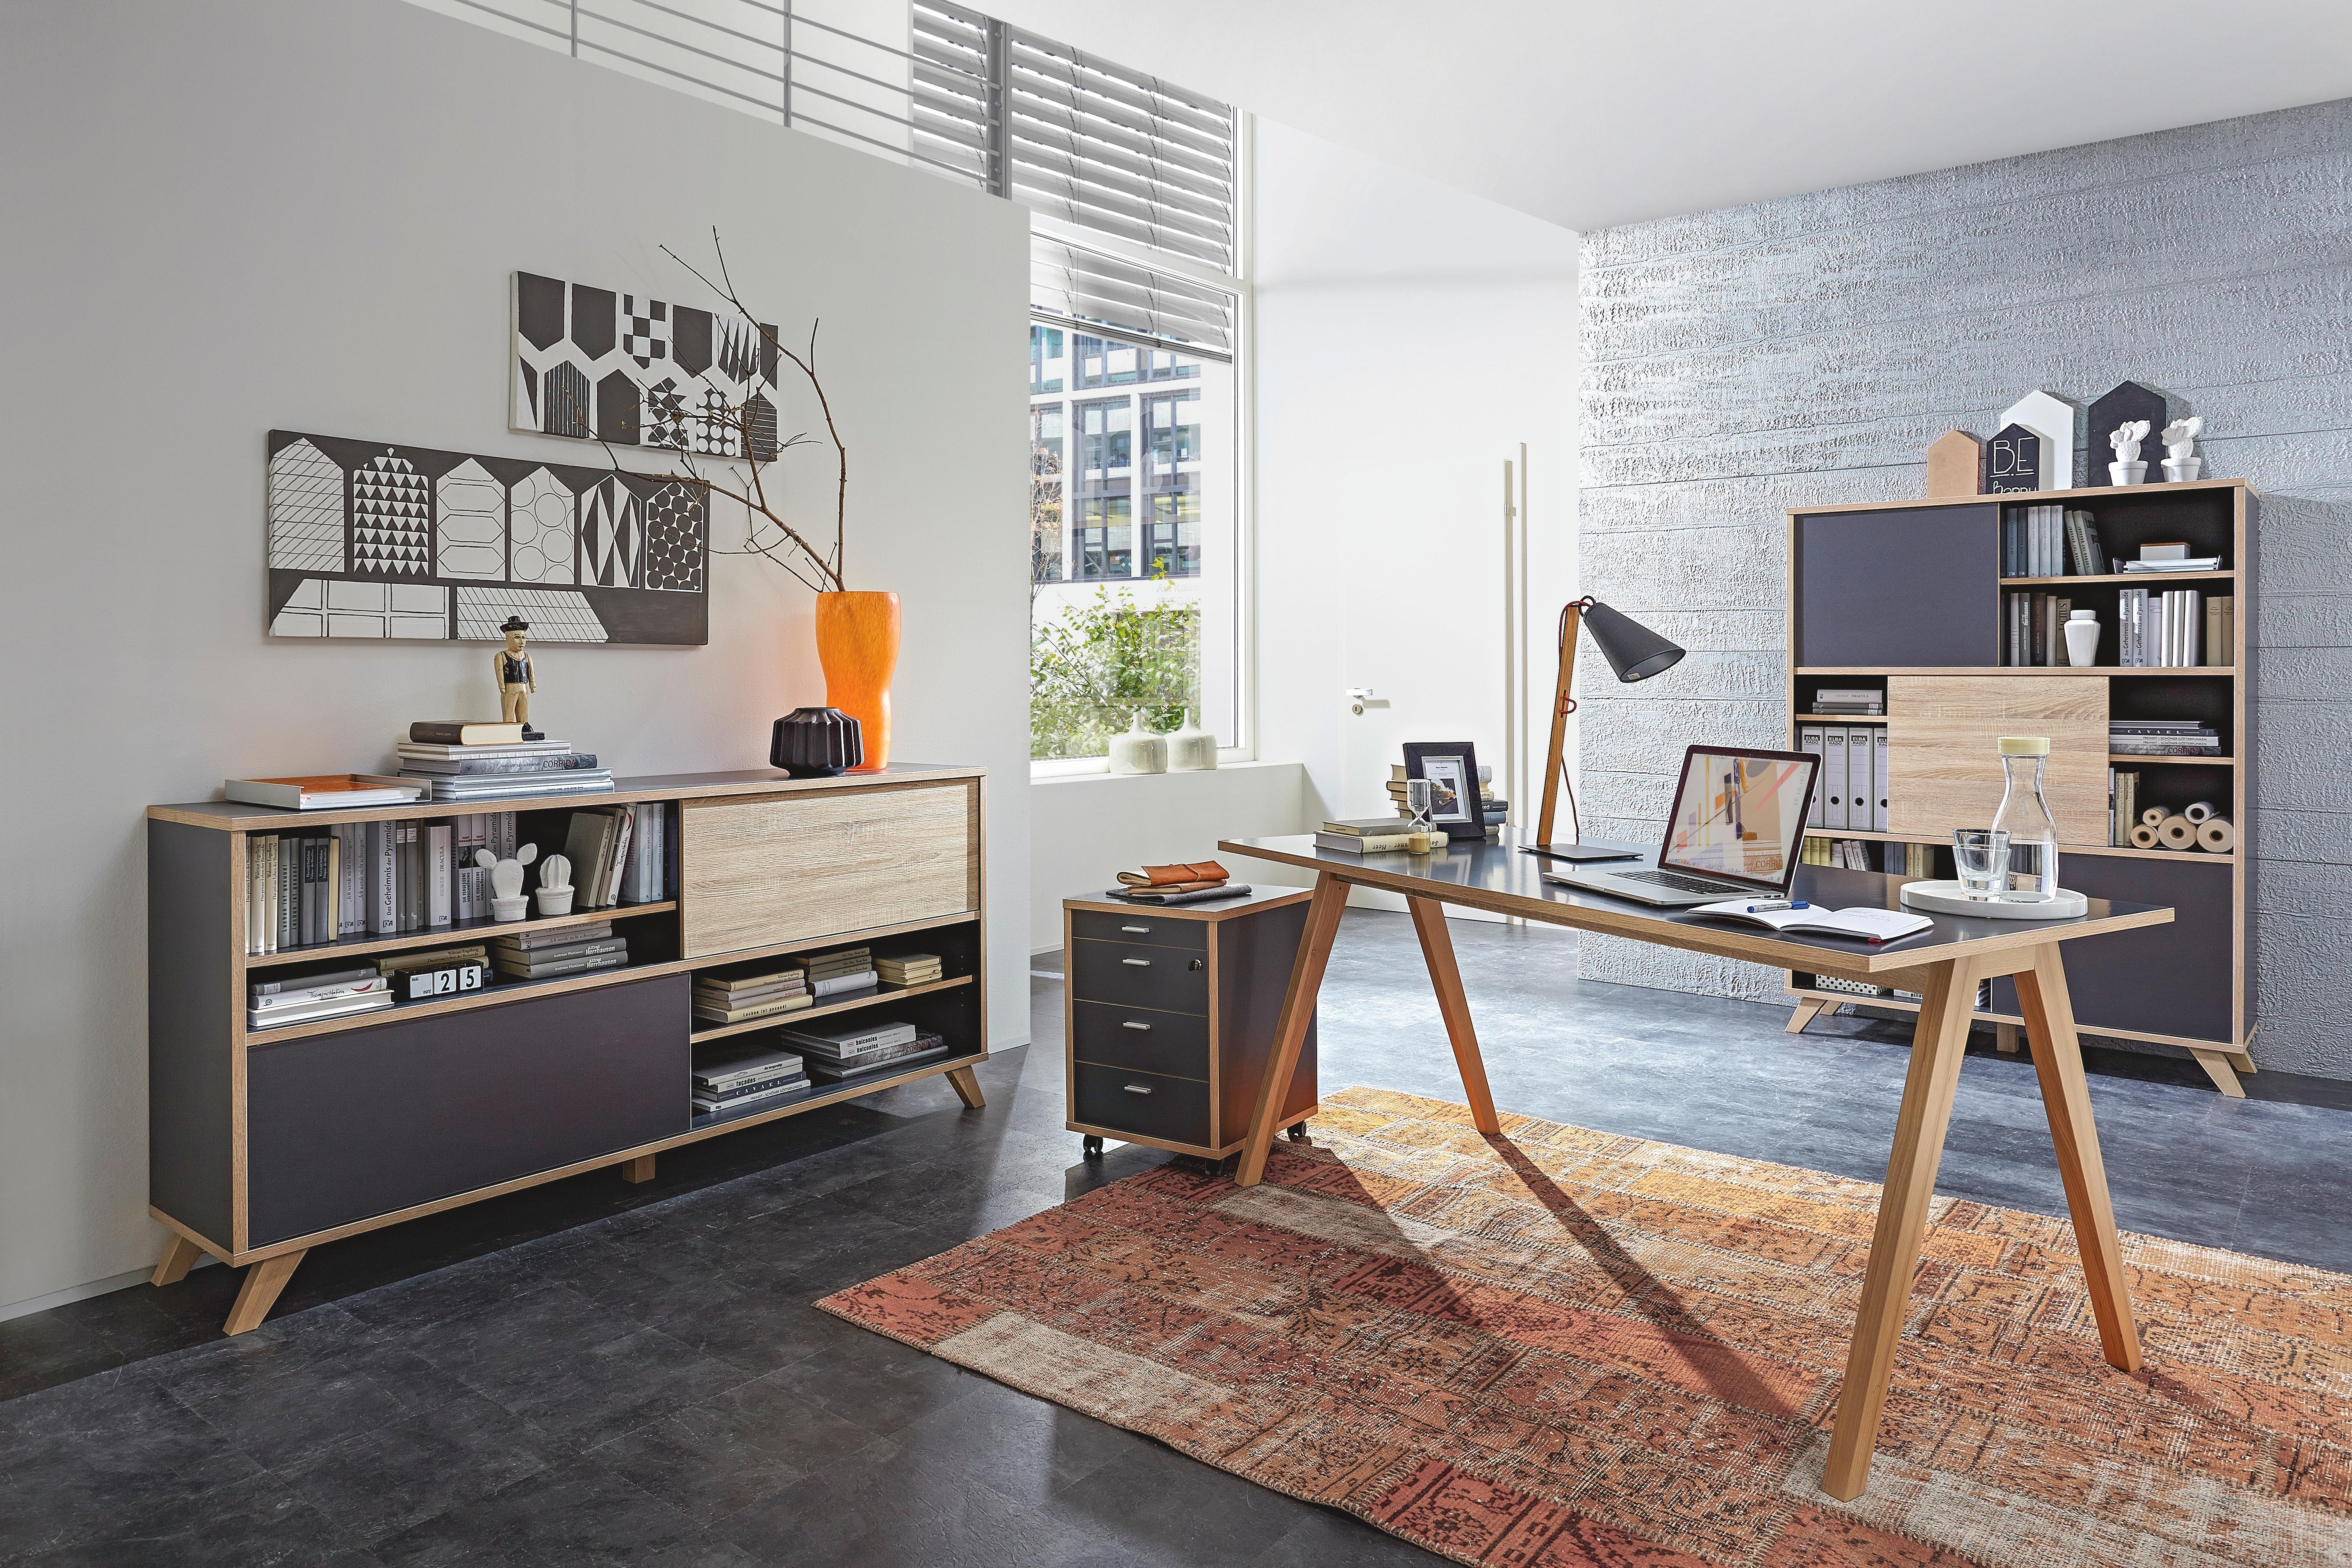 Gestalte Dein Arbeitszimmer Im Retrostil Http Www Xxxlshop De Produkte Suche Fh Search 12580077 Tg Mc Itl Sideboard Modern Wohnzimmer Sideboard Schreibtisch